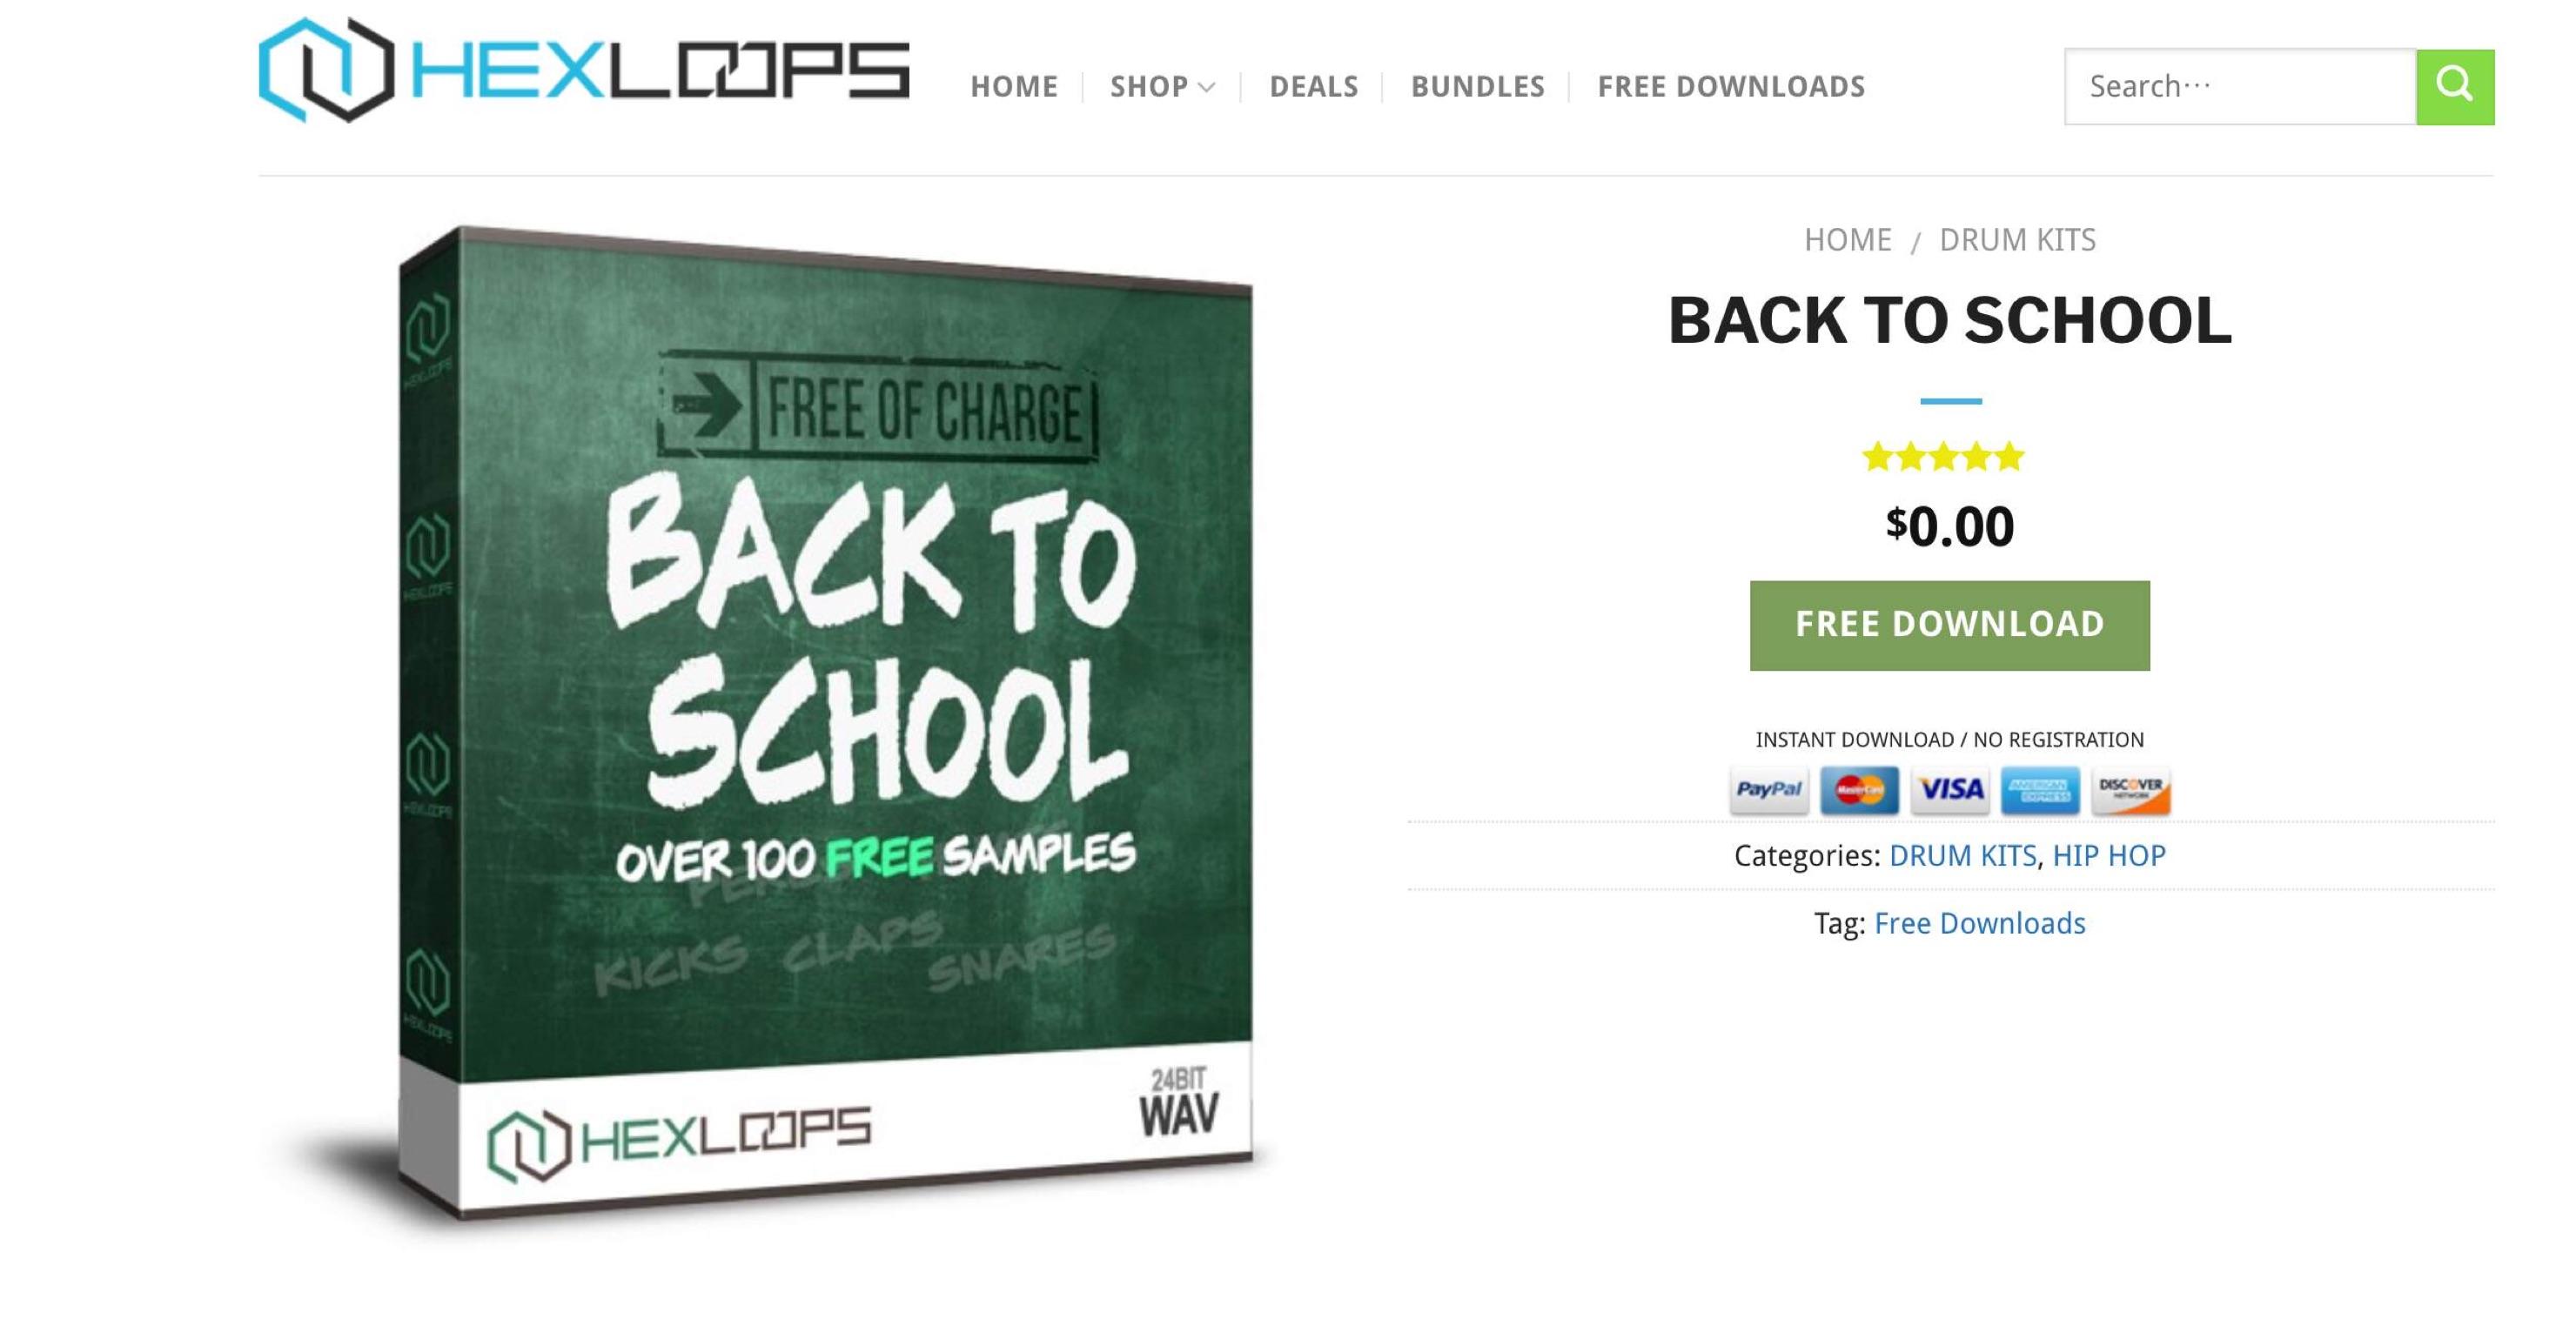 HEX-LOOPS-free-2